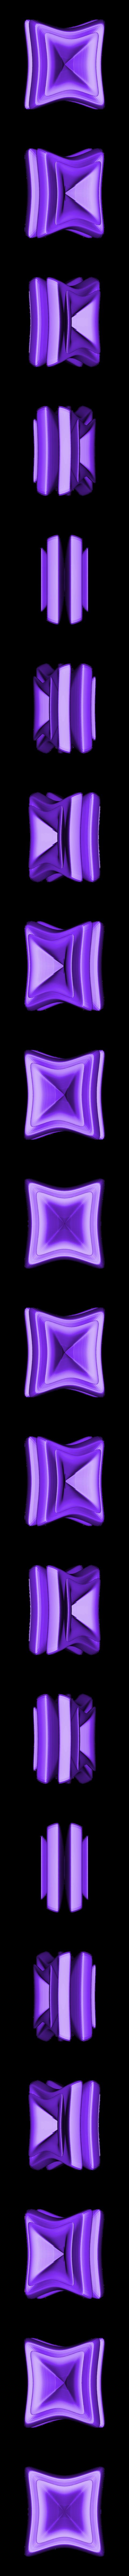 shape6.stl Télécharger fichier STL gratuit Supershape Madness • Plan à imprimer en 3D, ferjerez3d